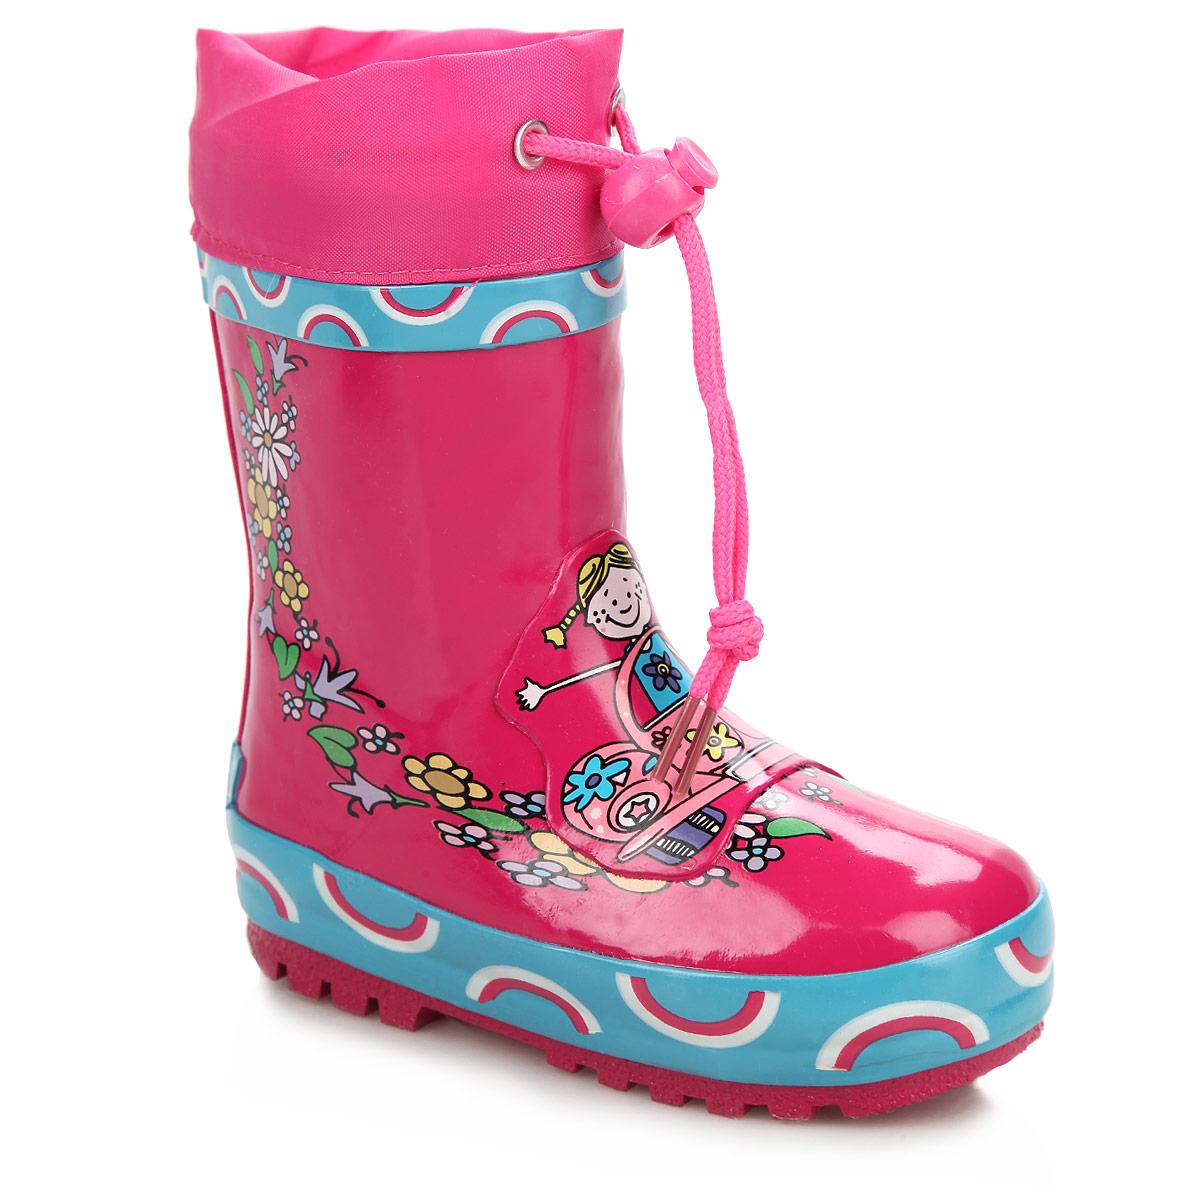 Сапоги резиновые для девочки. W5527W5527Утепленные резиновые сапожки Flamingo для девочек - идеальная обувь в дождливую погоду. Сапоги выполнены из качественной резины, оформлены оригинальным принтом и логотипом бренда. Подкладка из шерсти, подарит ощущение комфорта вашему малышу. Текстильный верх голенища регулируется в объеме за счет шнурка с бегунком. Резиновые сапожки прекрасно защитят ножки вашего ребенка от промокания в дождливый день.